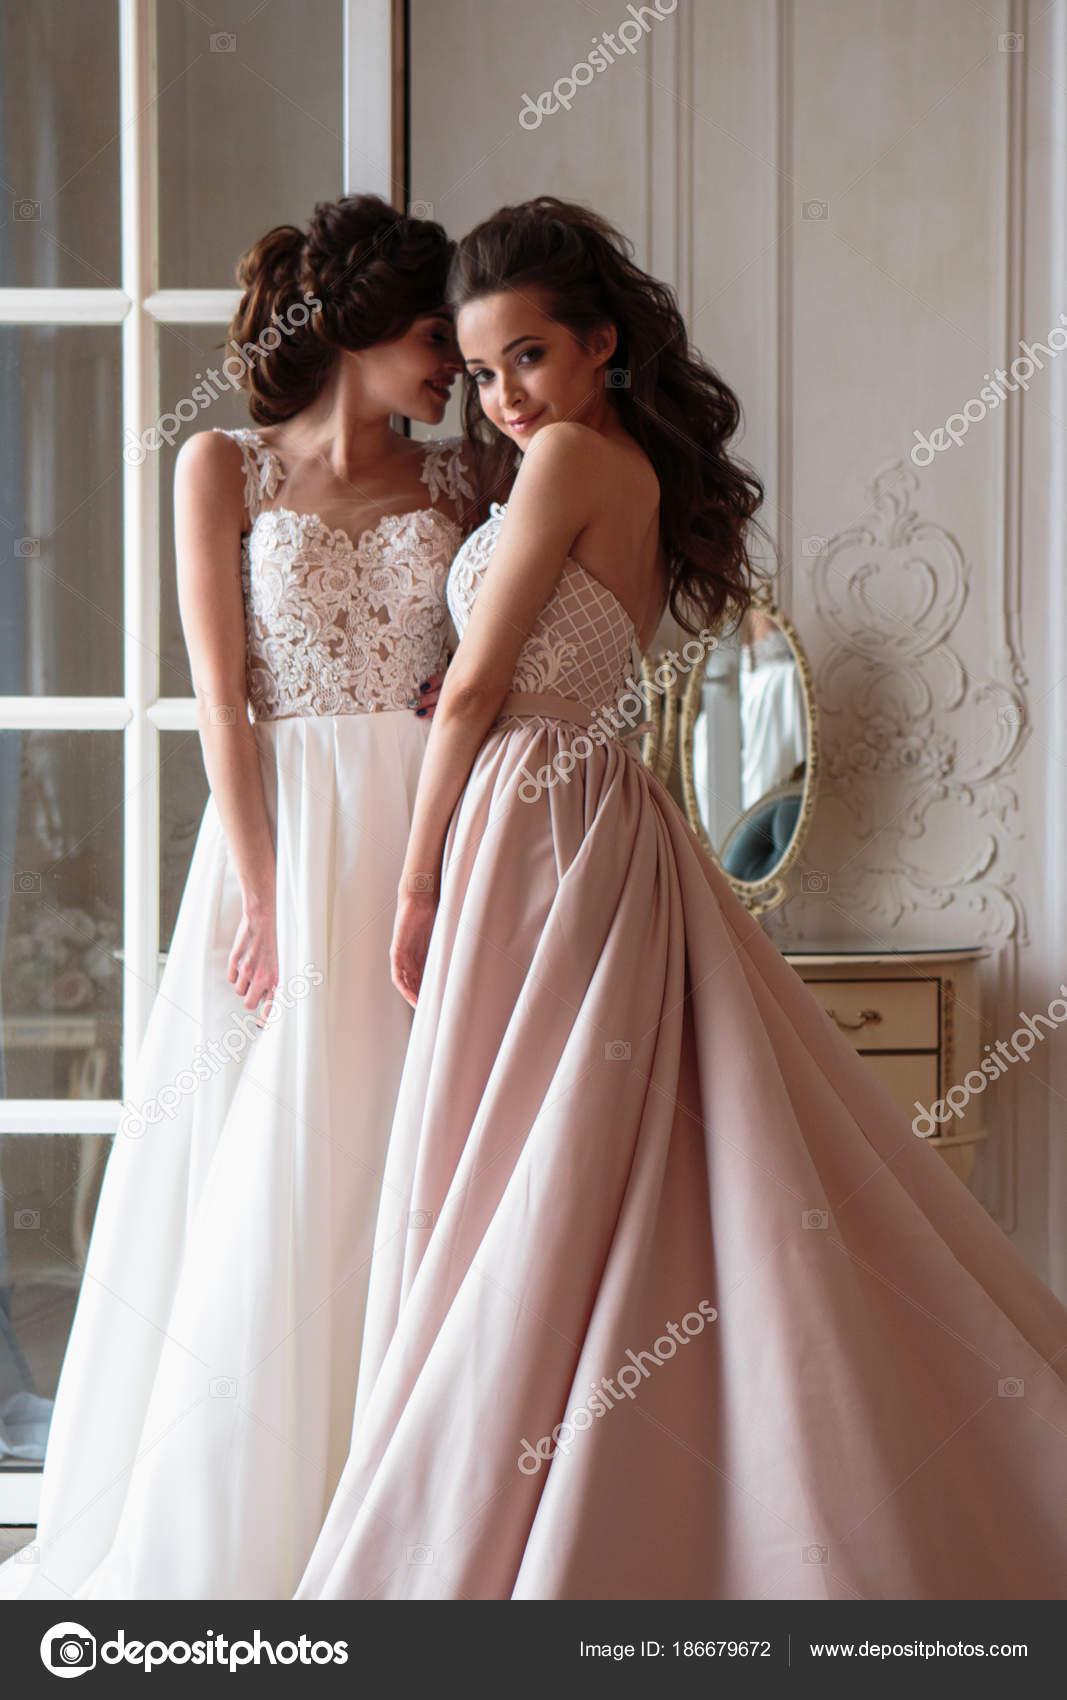 Schöne Braut Und Brautjungfern Luxus Kleider Zwillinge Junge Frauen ...